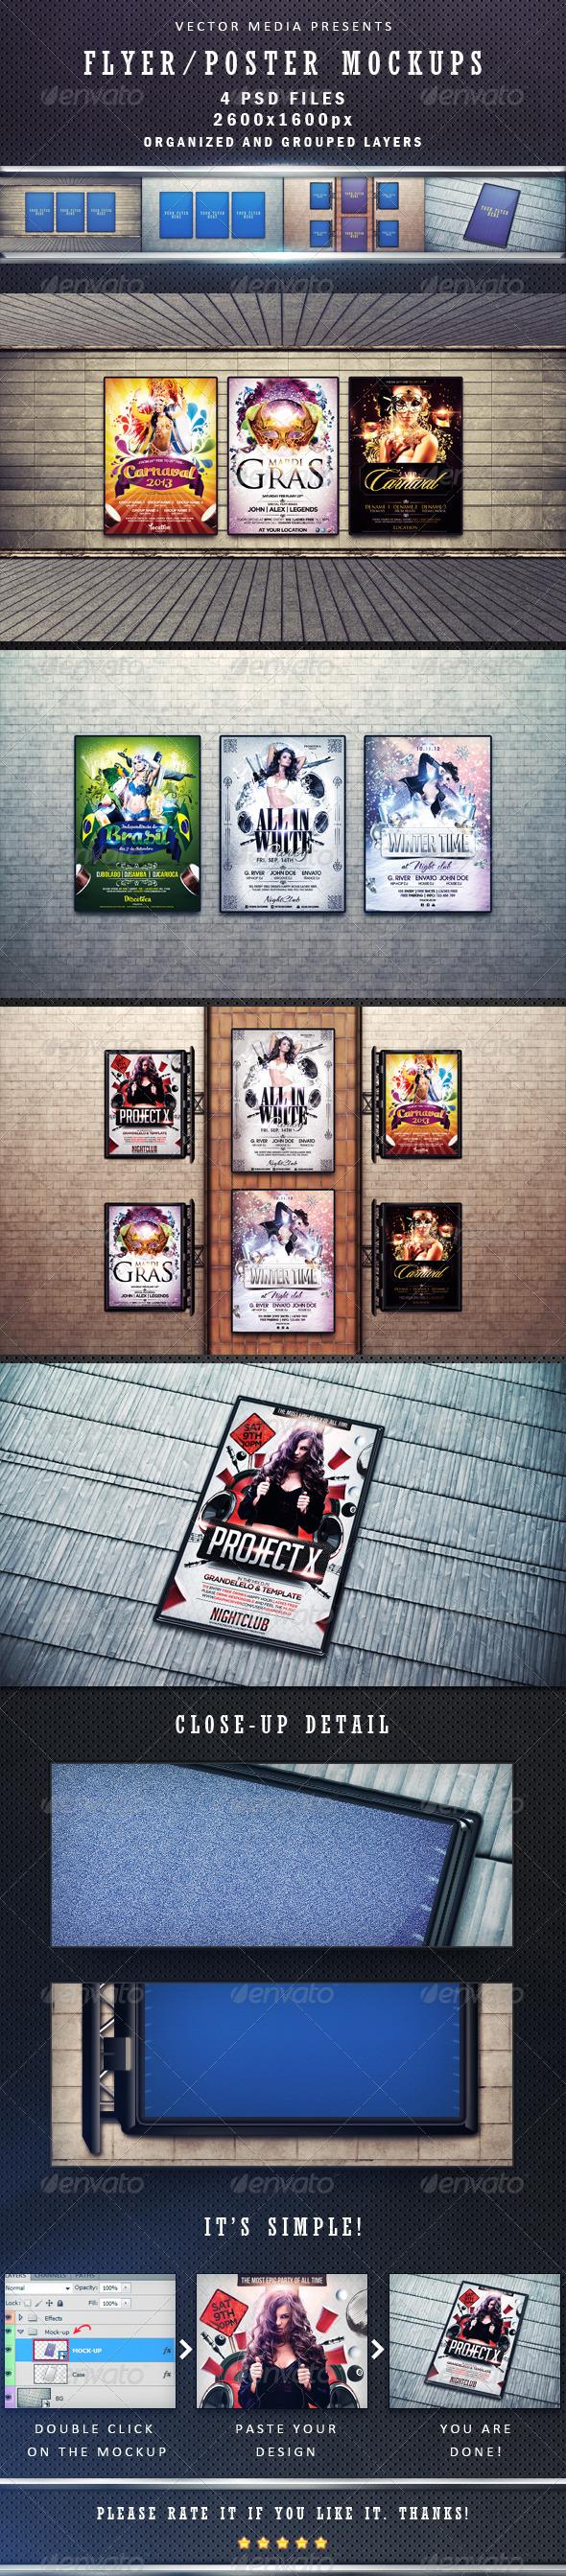 Flyer Poster Mockups